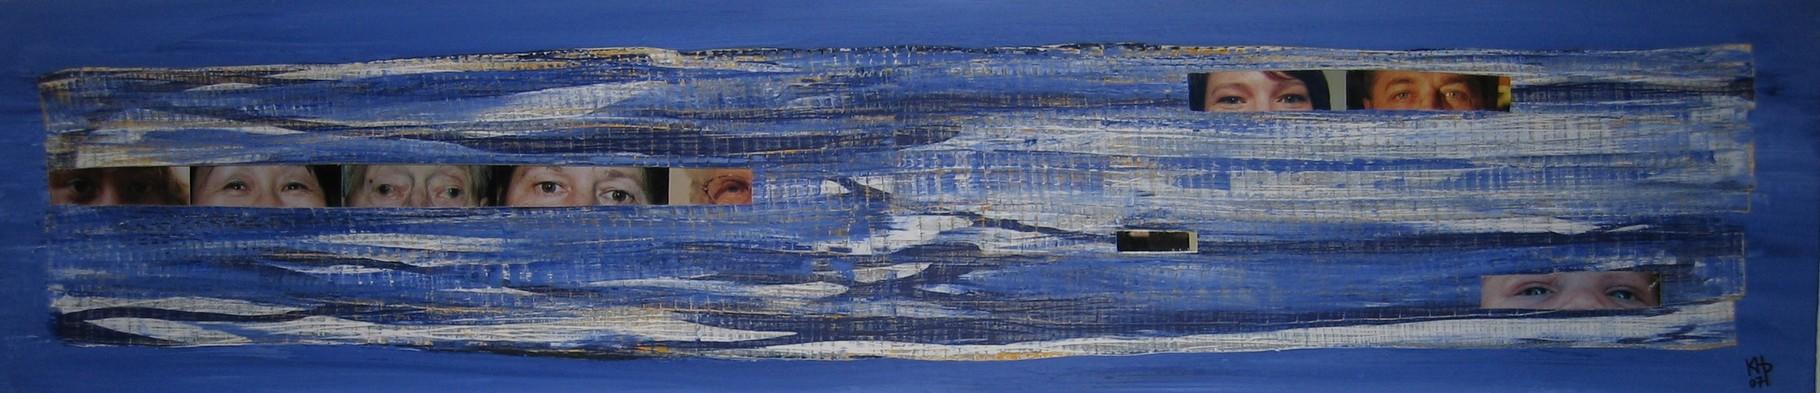 """Augen-Blicke (Collage zum Text """"Augen ... spiegeln die Seele"""") 2007 / Acryl auf Leinwand / Fotografien / Spiegel / 40 x 180 cm"""